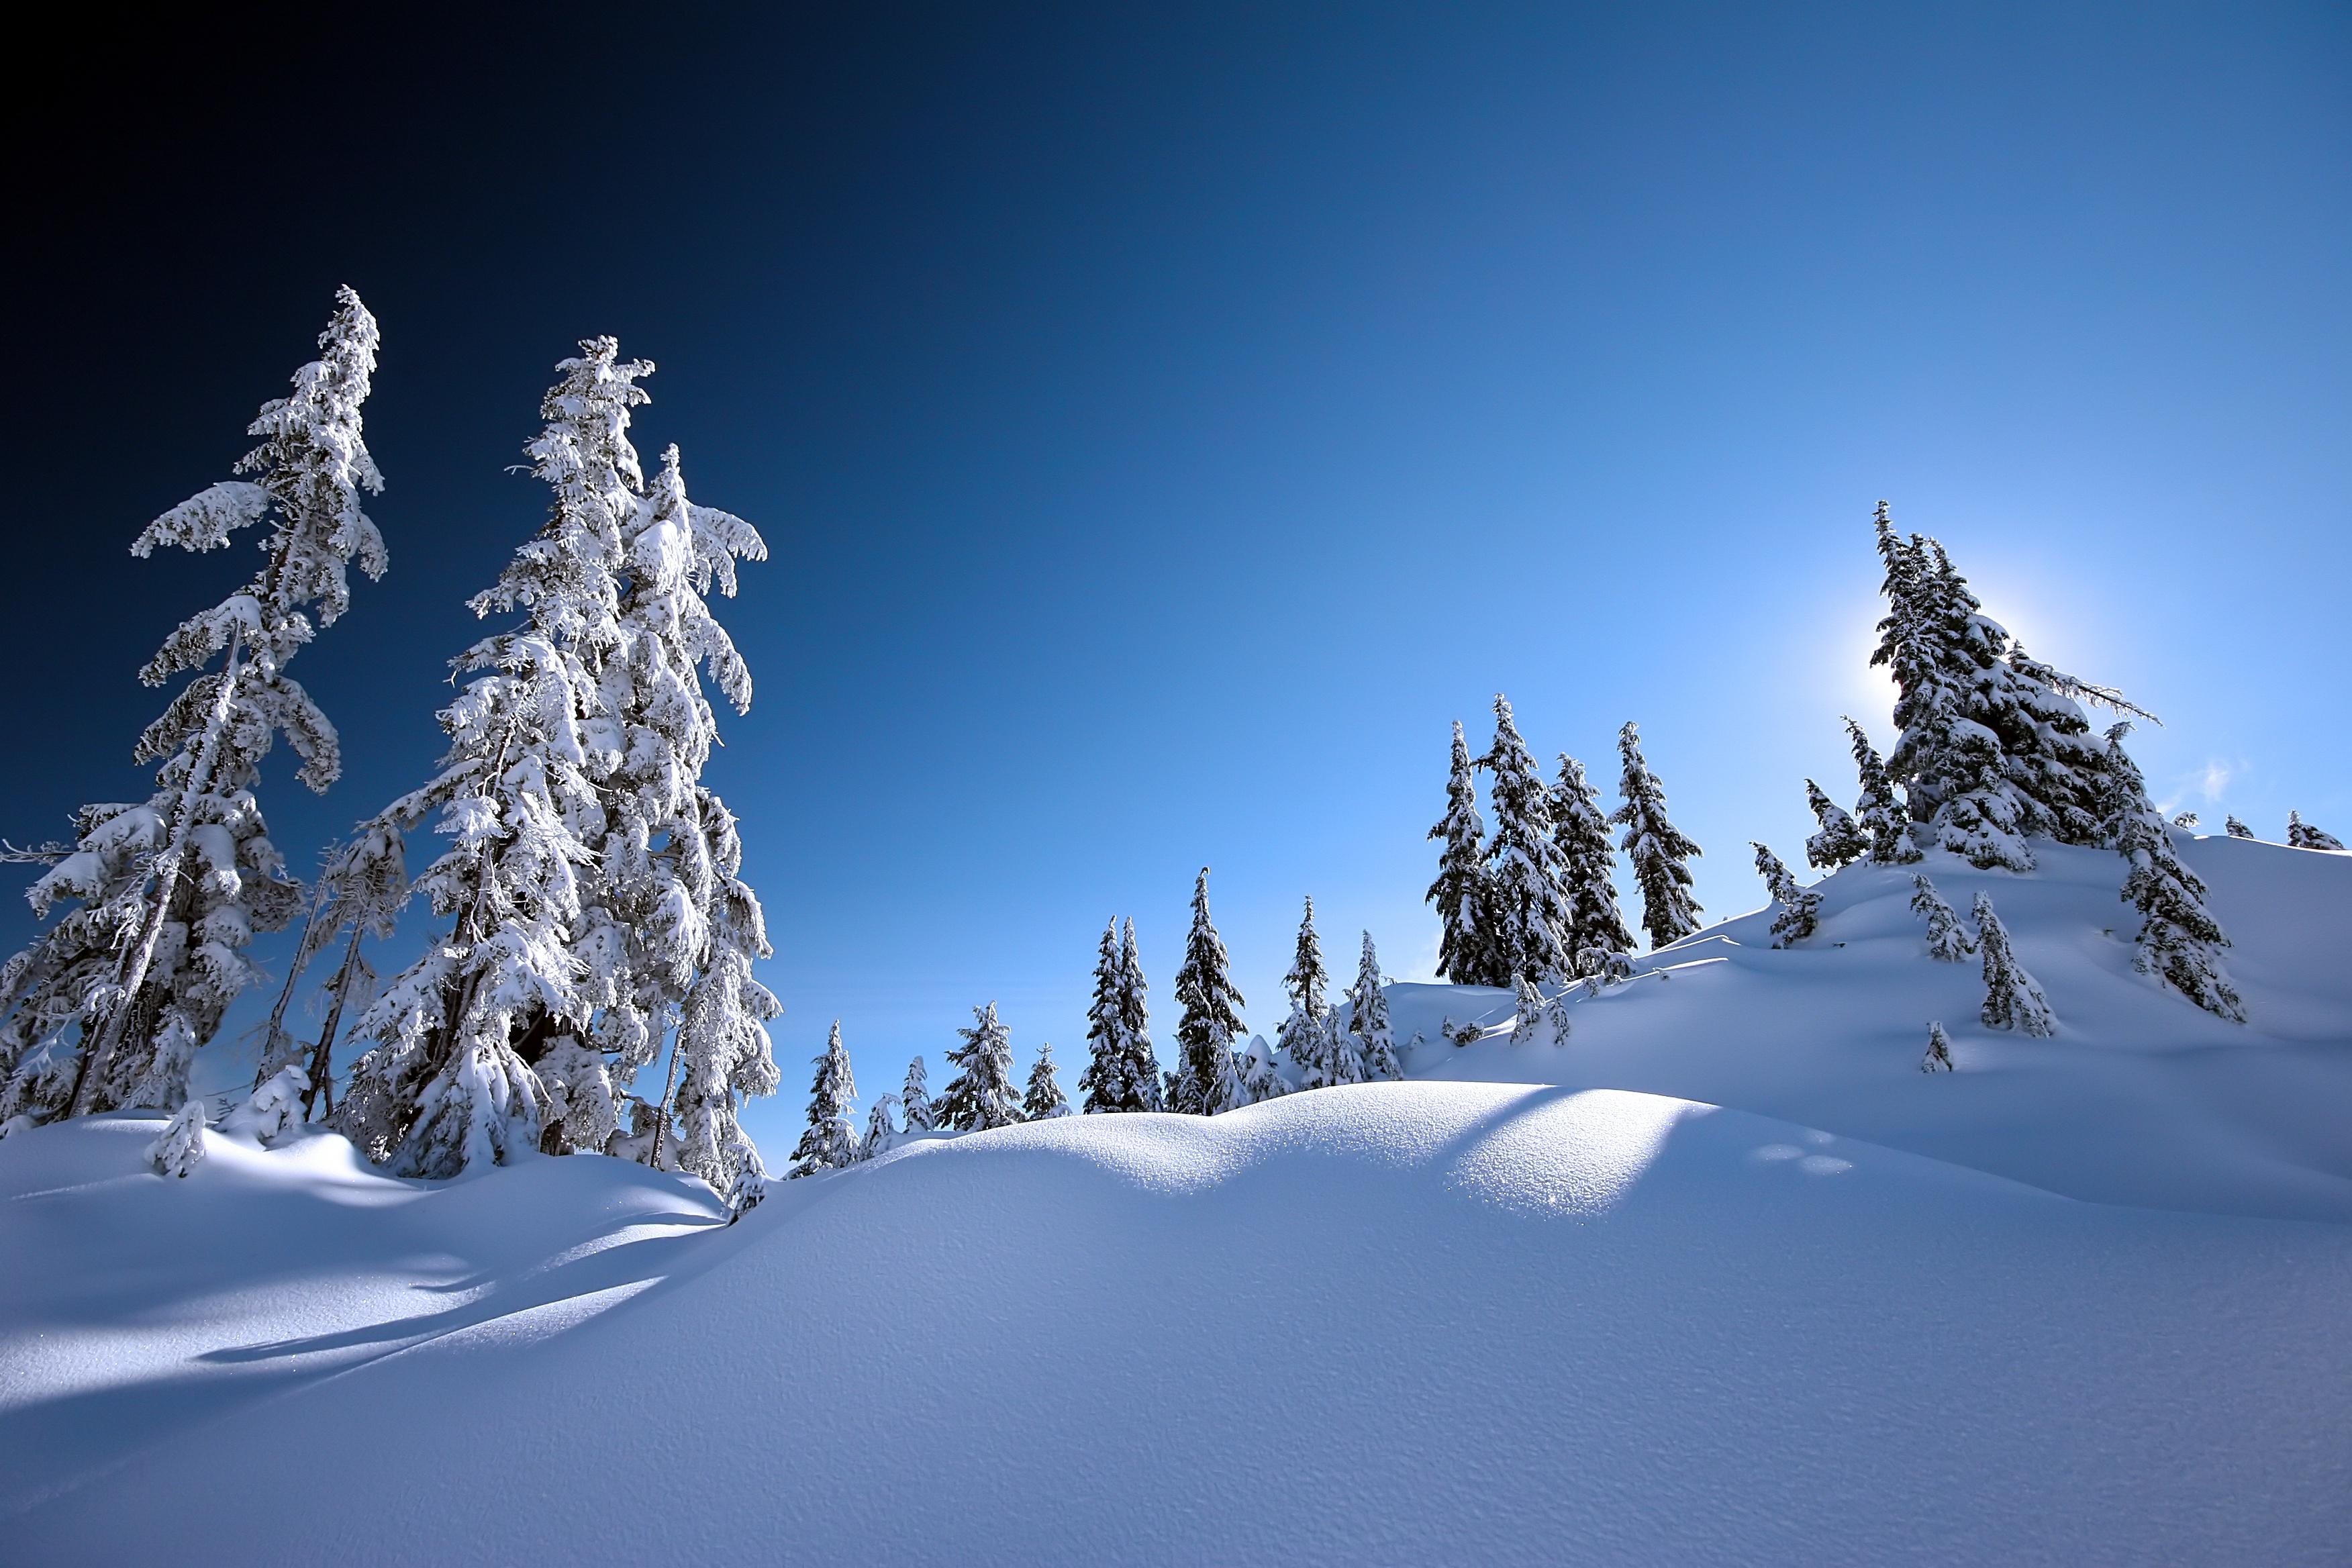 предлагают современным картинки зима для компьютера этой причине его